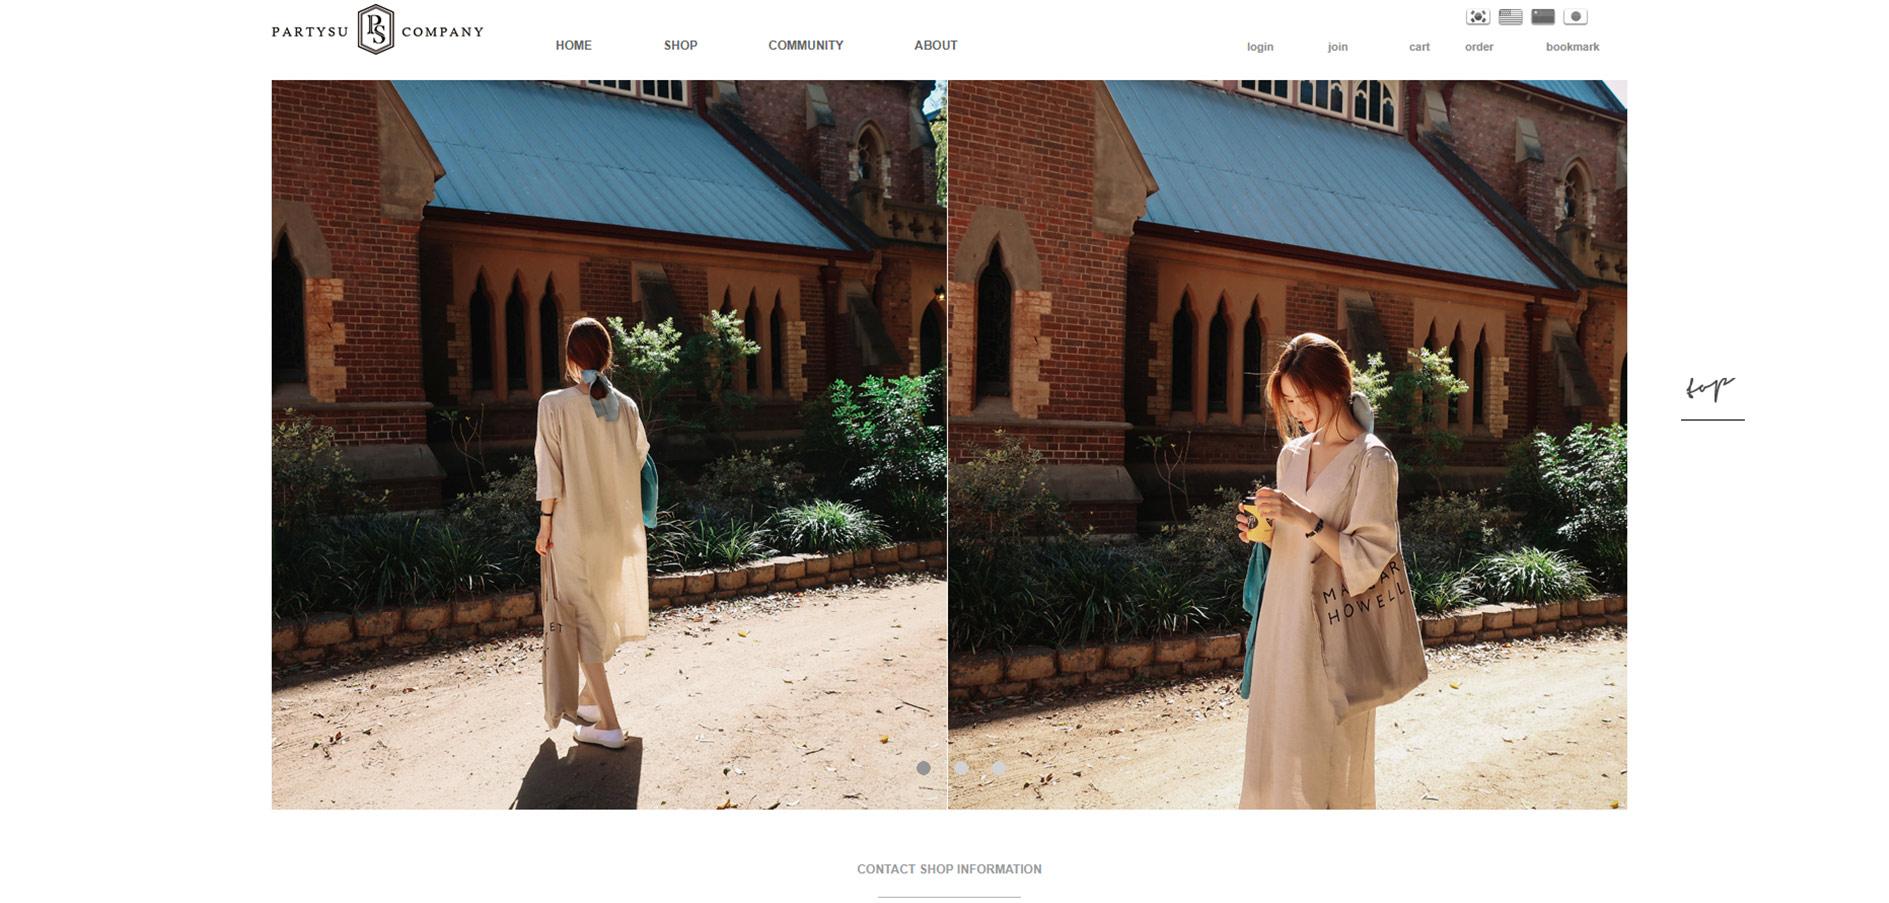 20代におすすめな韓国ファッション通販サイトのPARTYSU(パーティス)